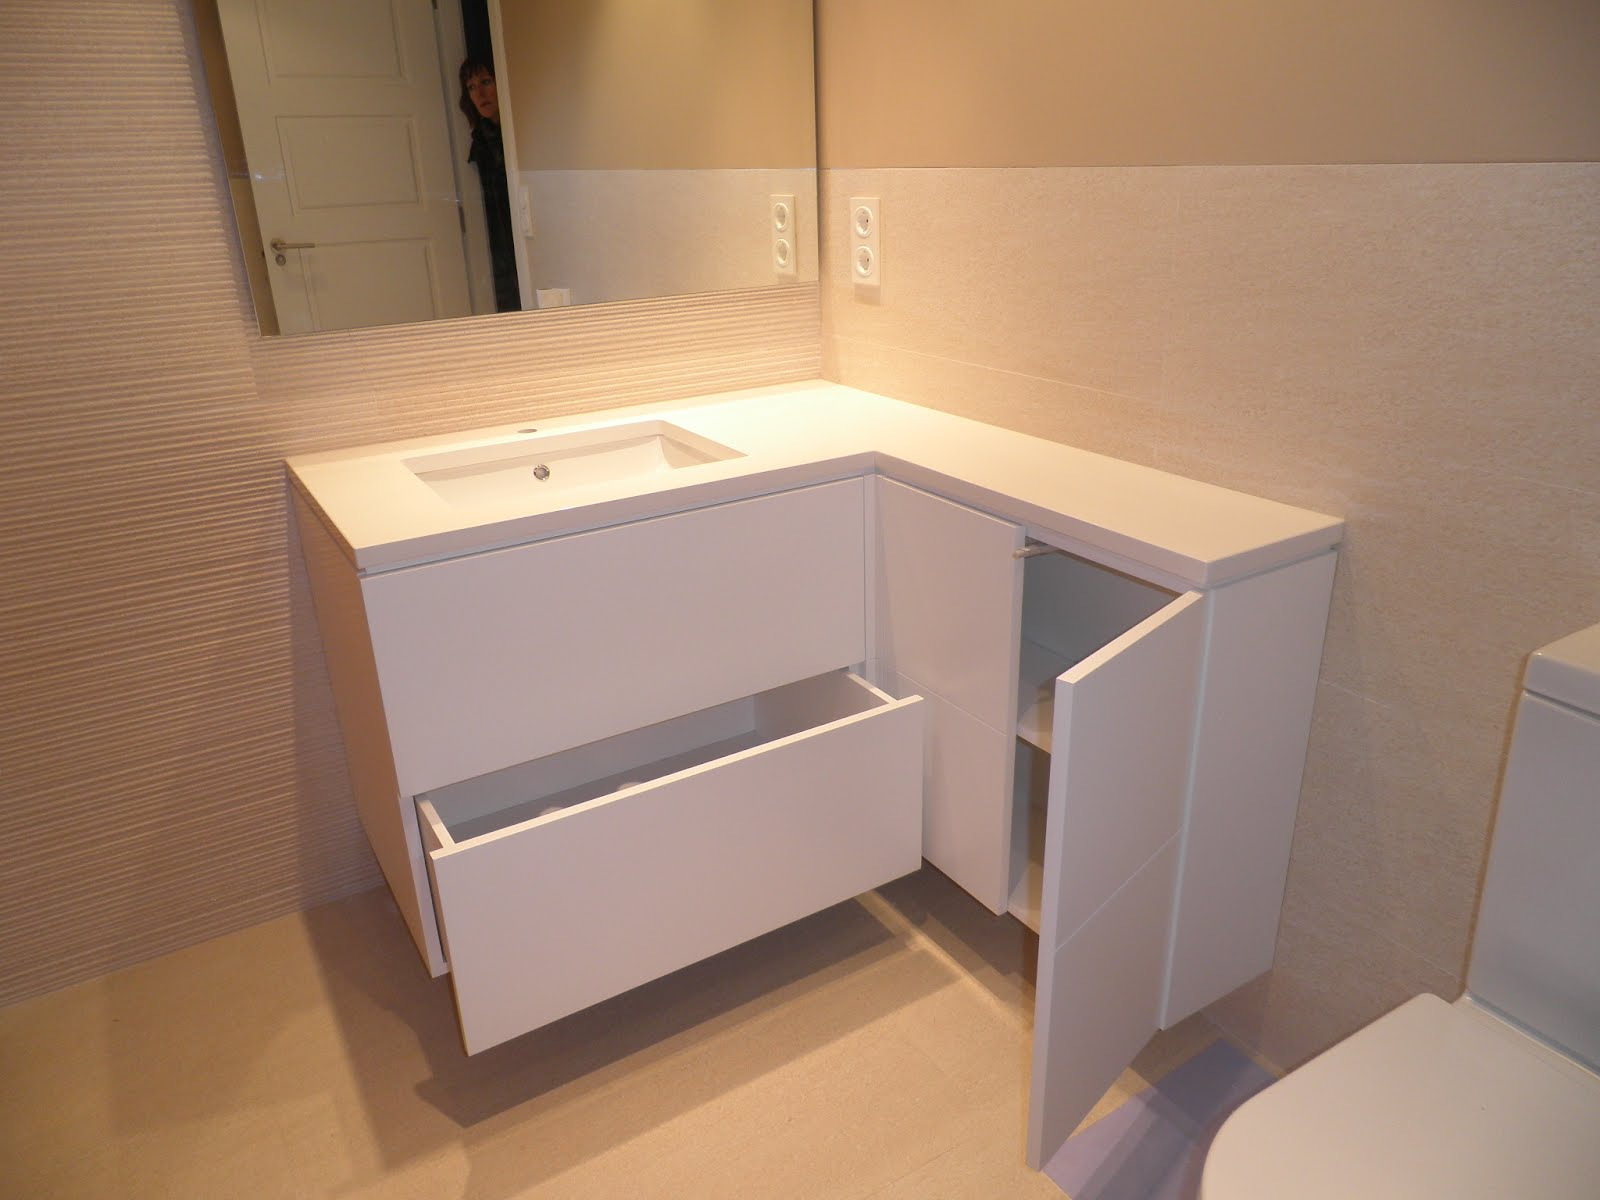 Mueble para lavabo lacado  Muebles Cansado (Zaragoza)  Carpintero